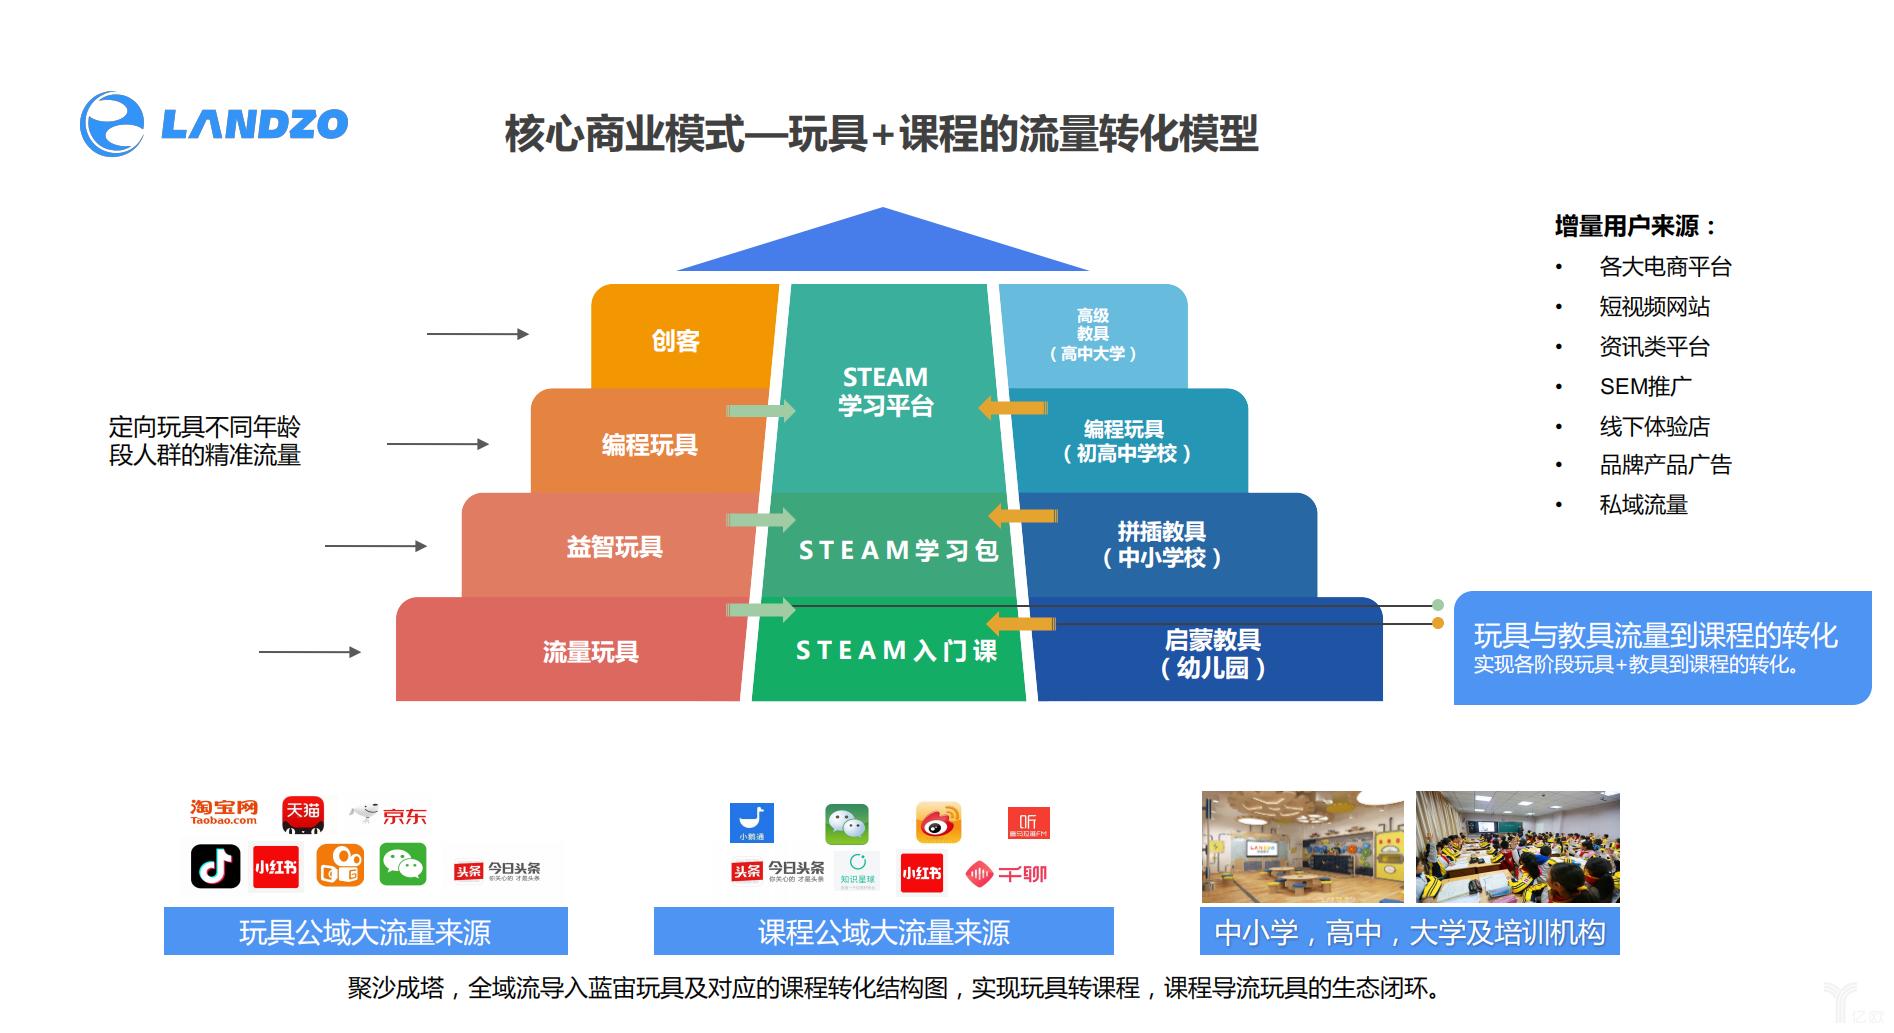 蓝宙科技核心商业模式